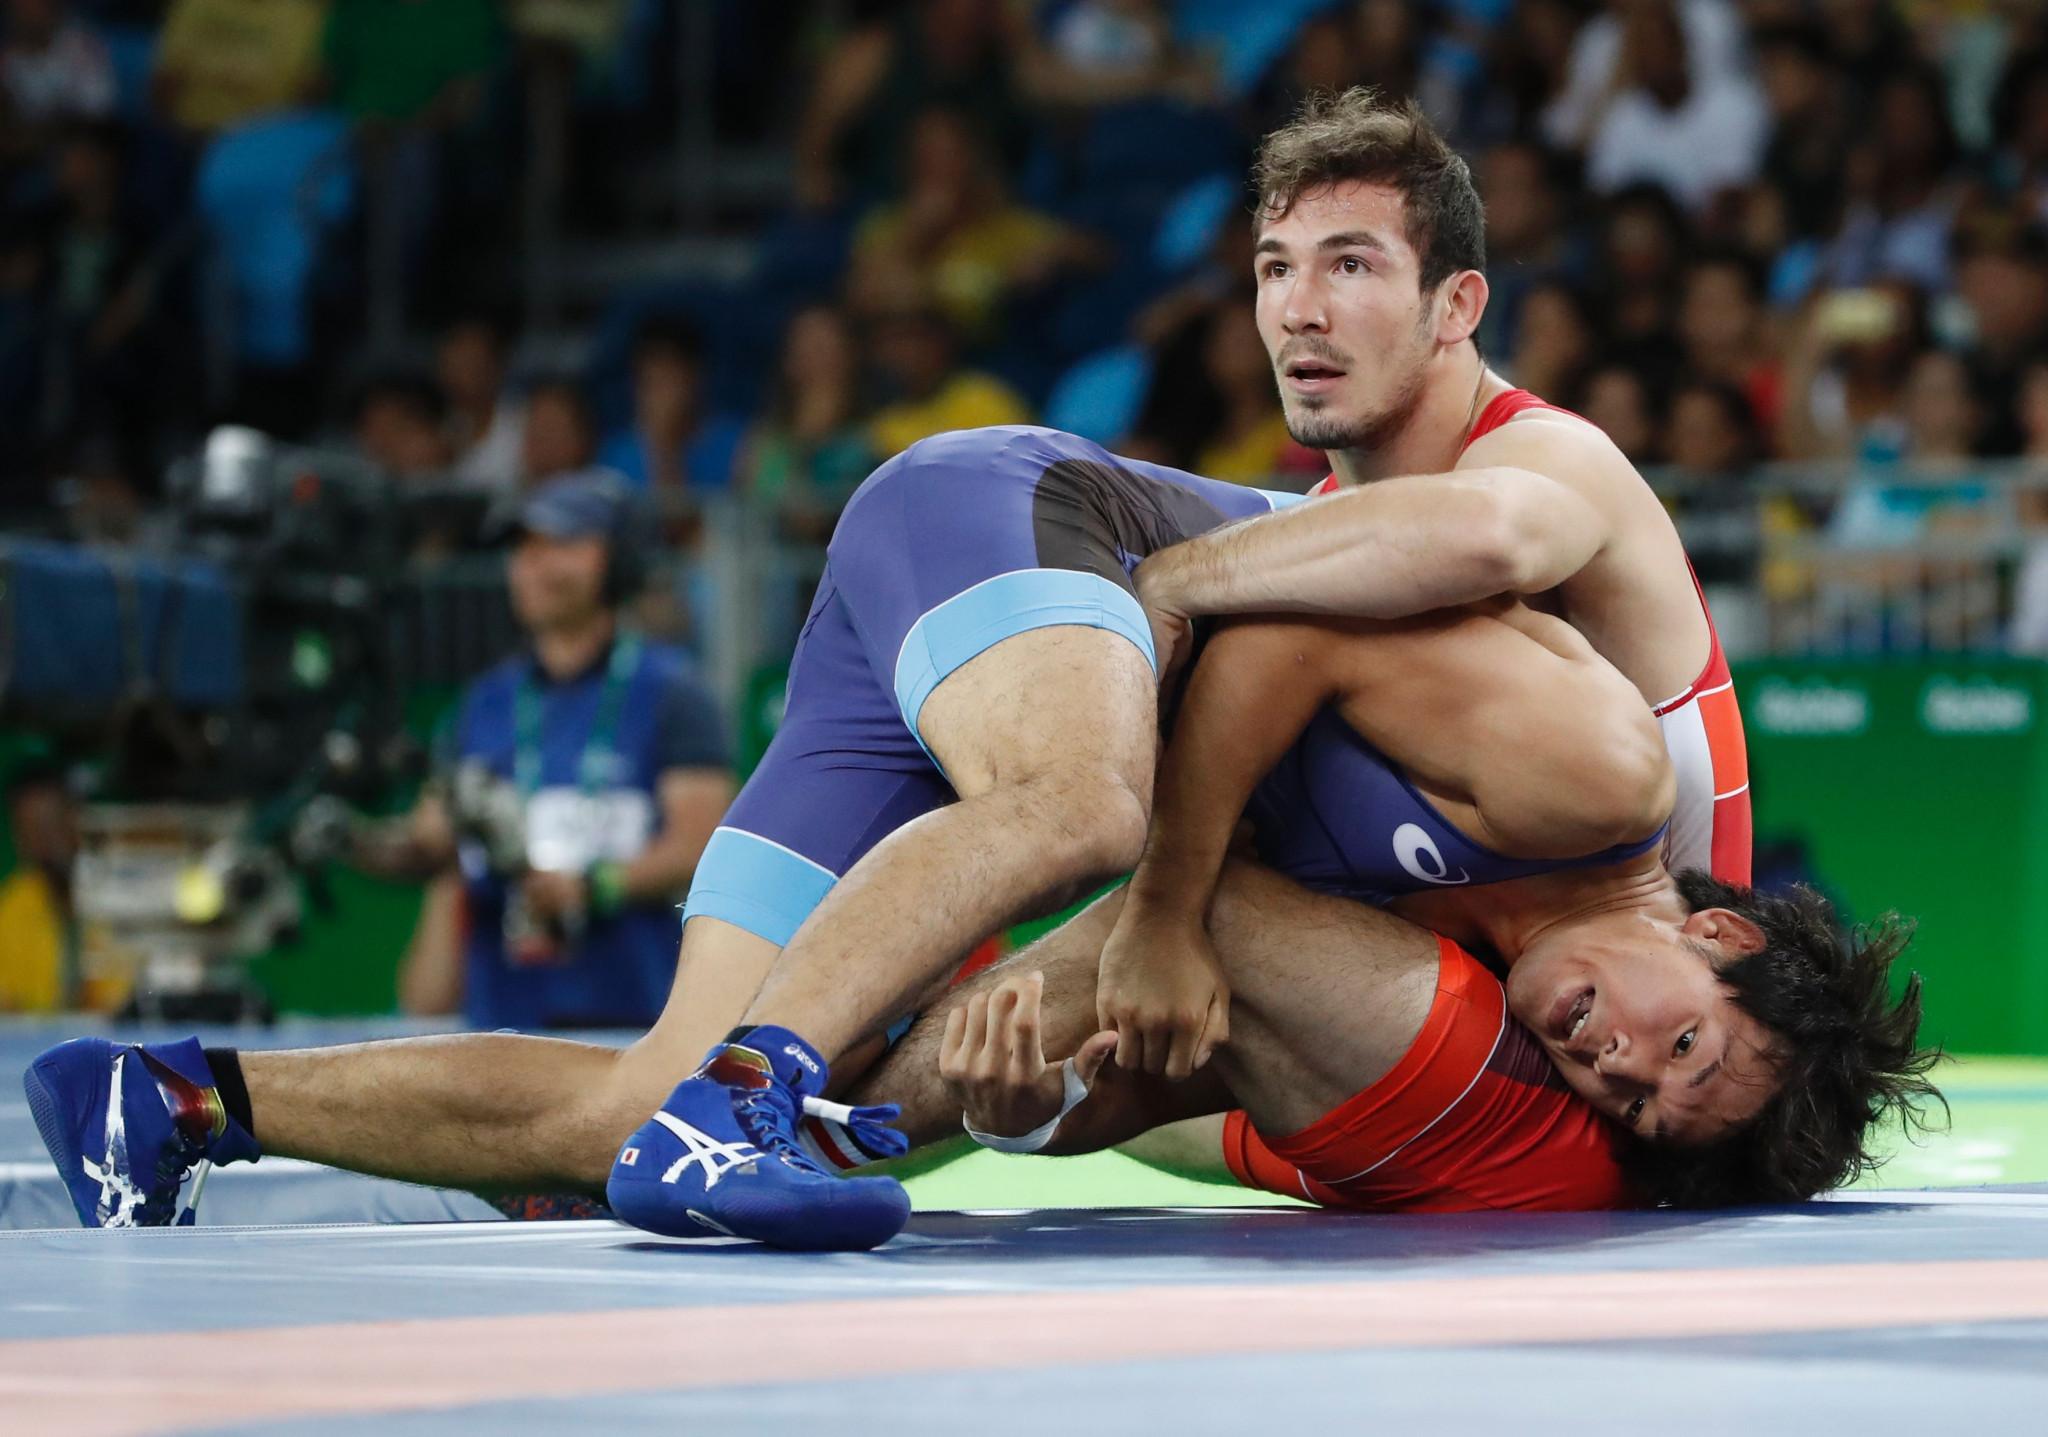 Wrestling World Championship bronze medallist suspended over positive drug test